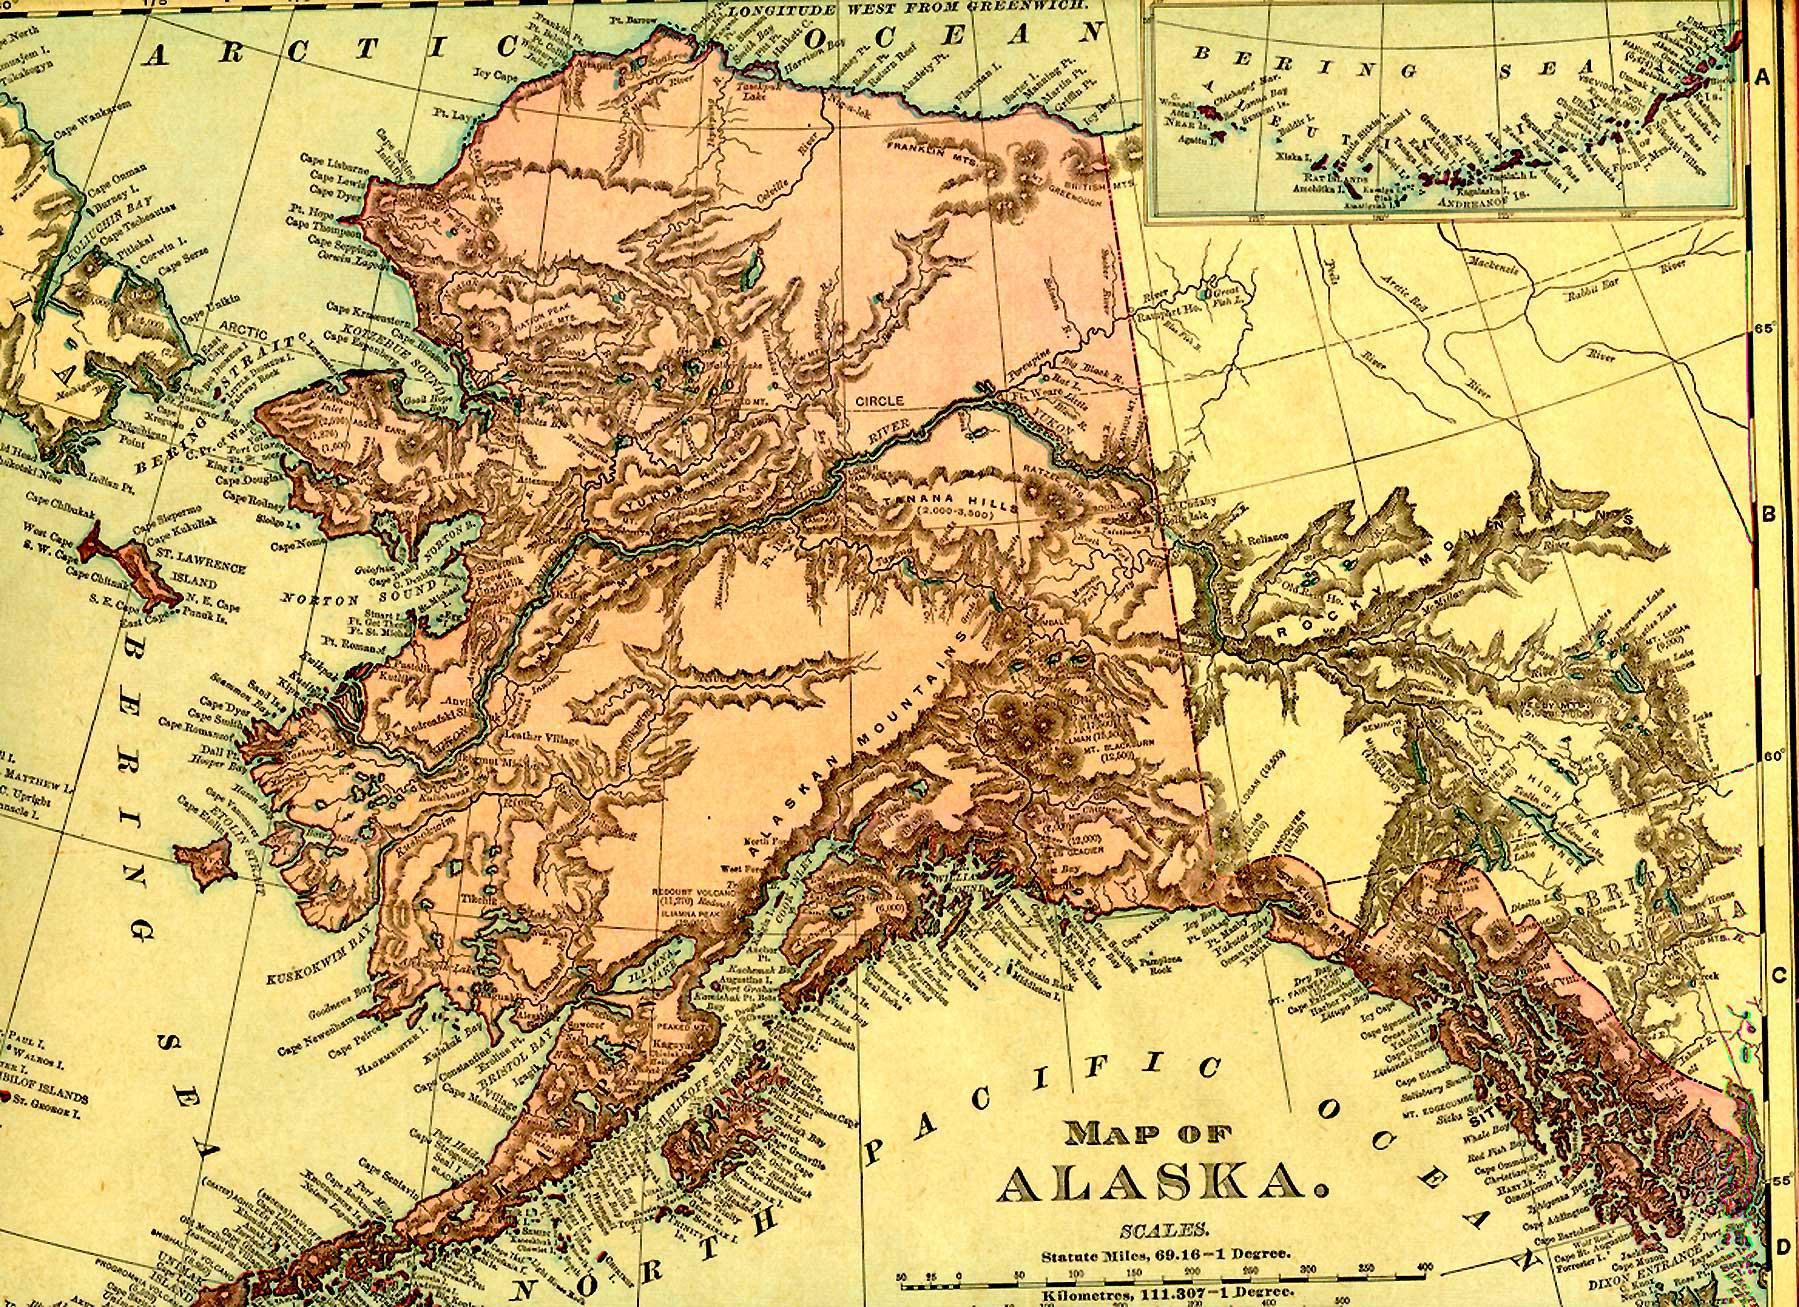 Infant Deaths in Alaska